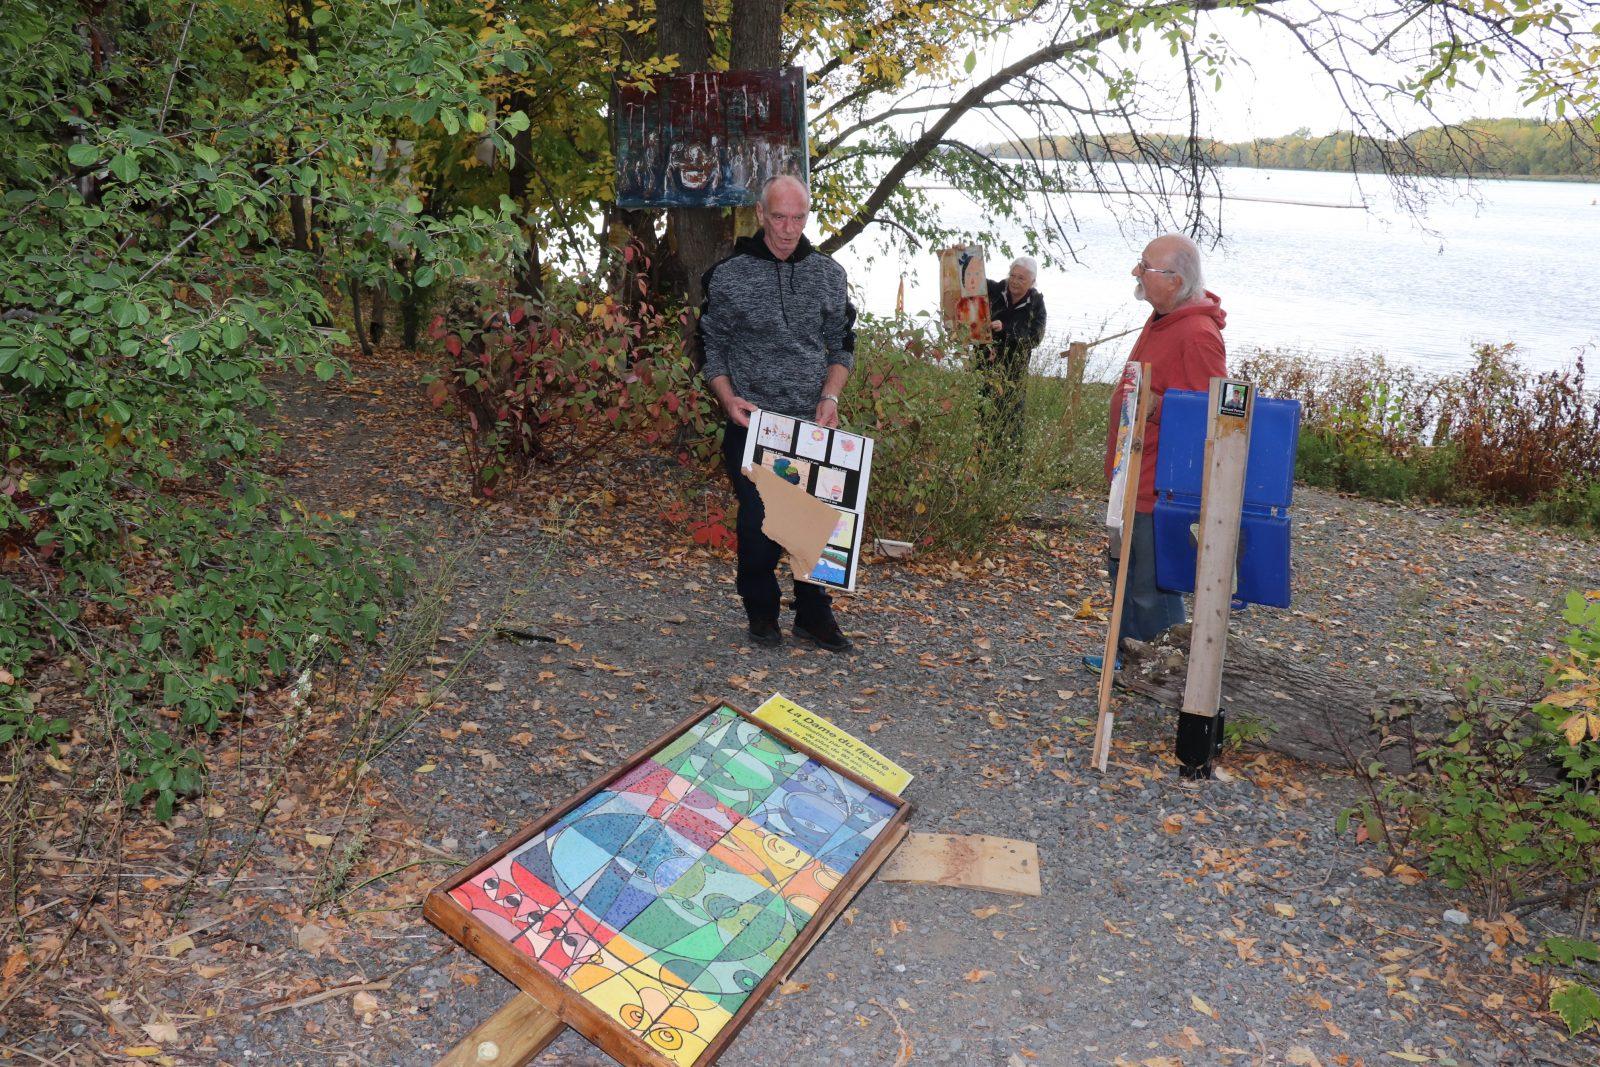 Saccage à la galerie Plein air sur le fleuve